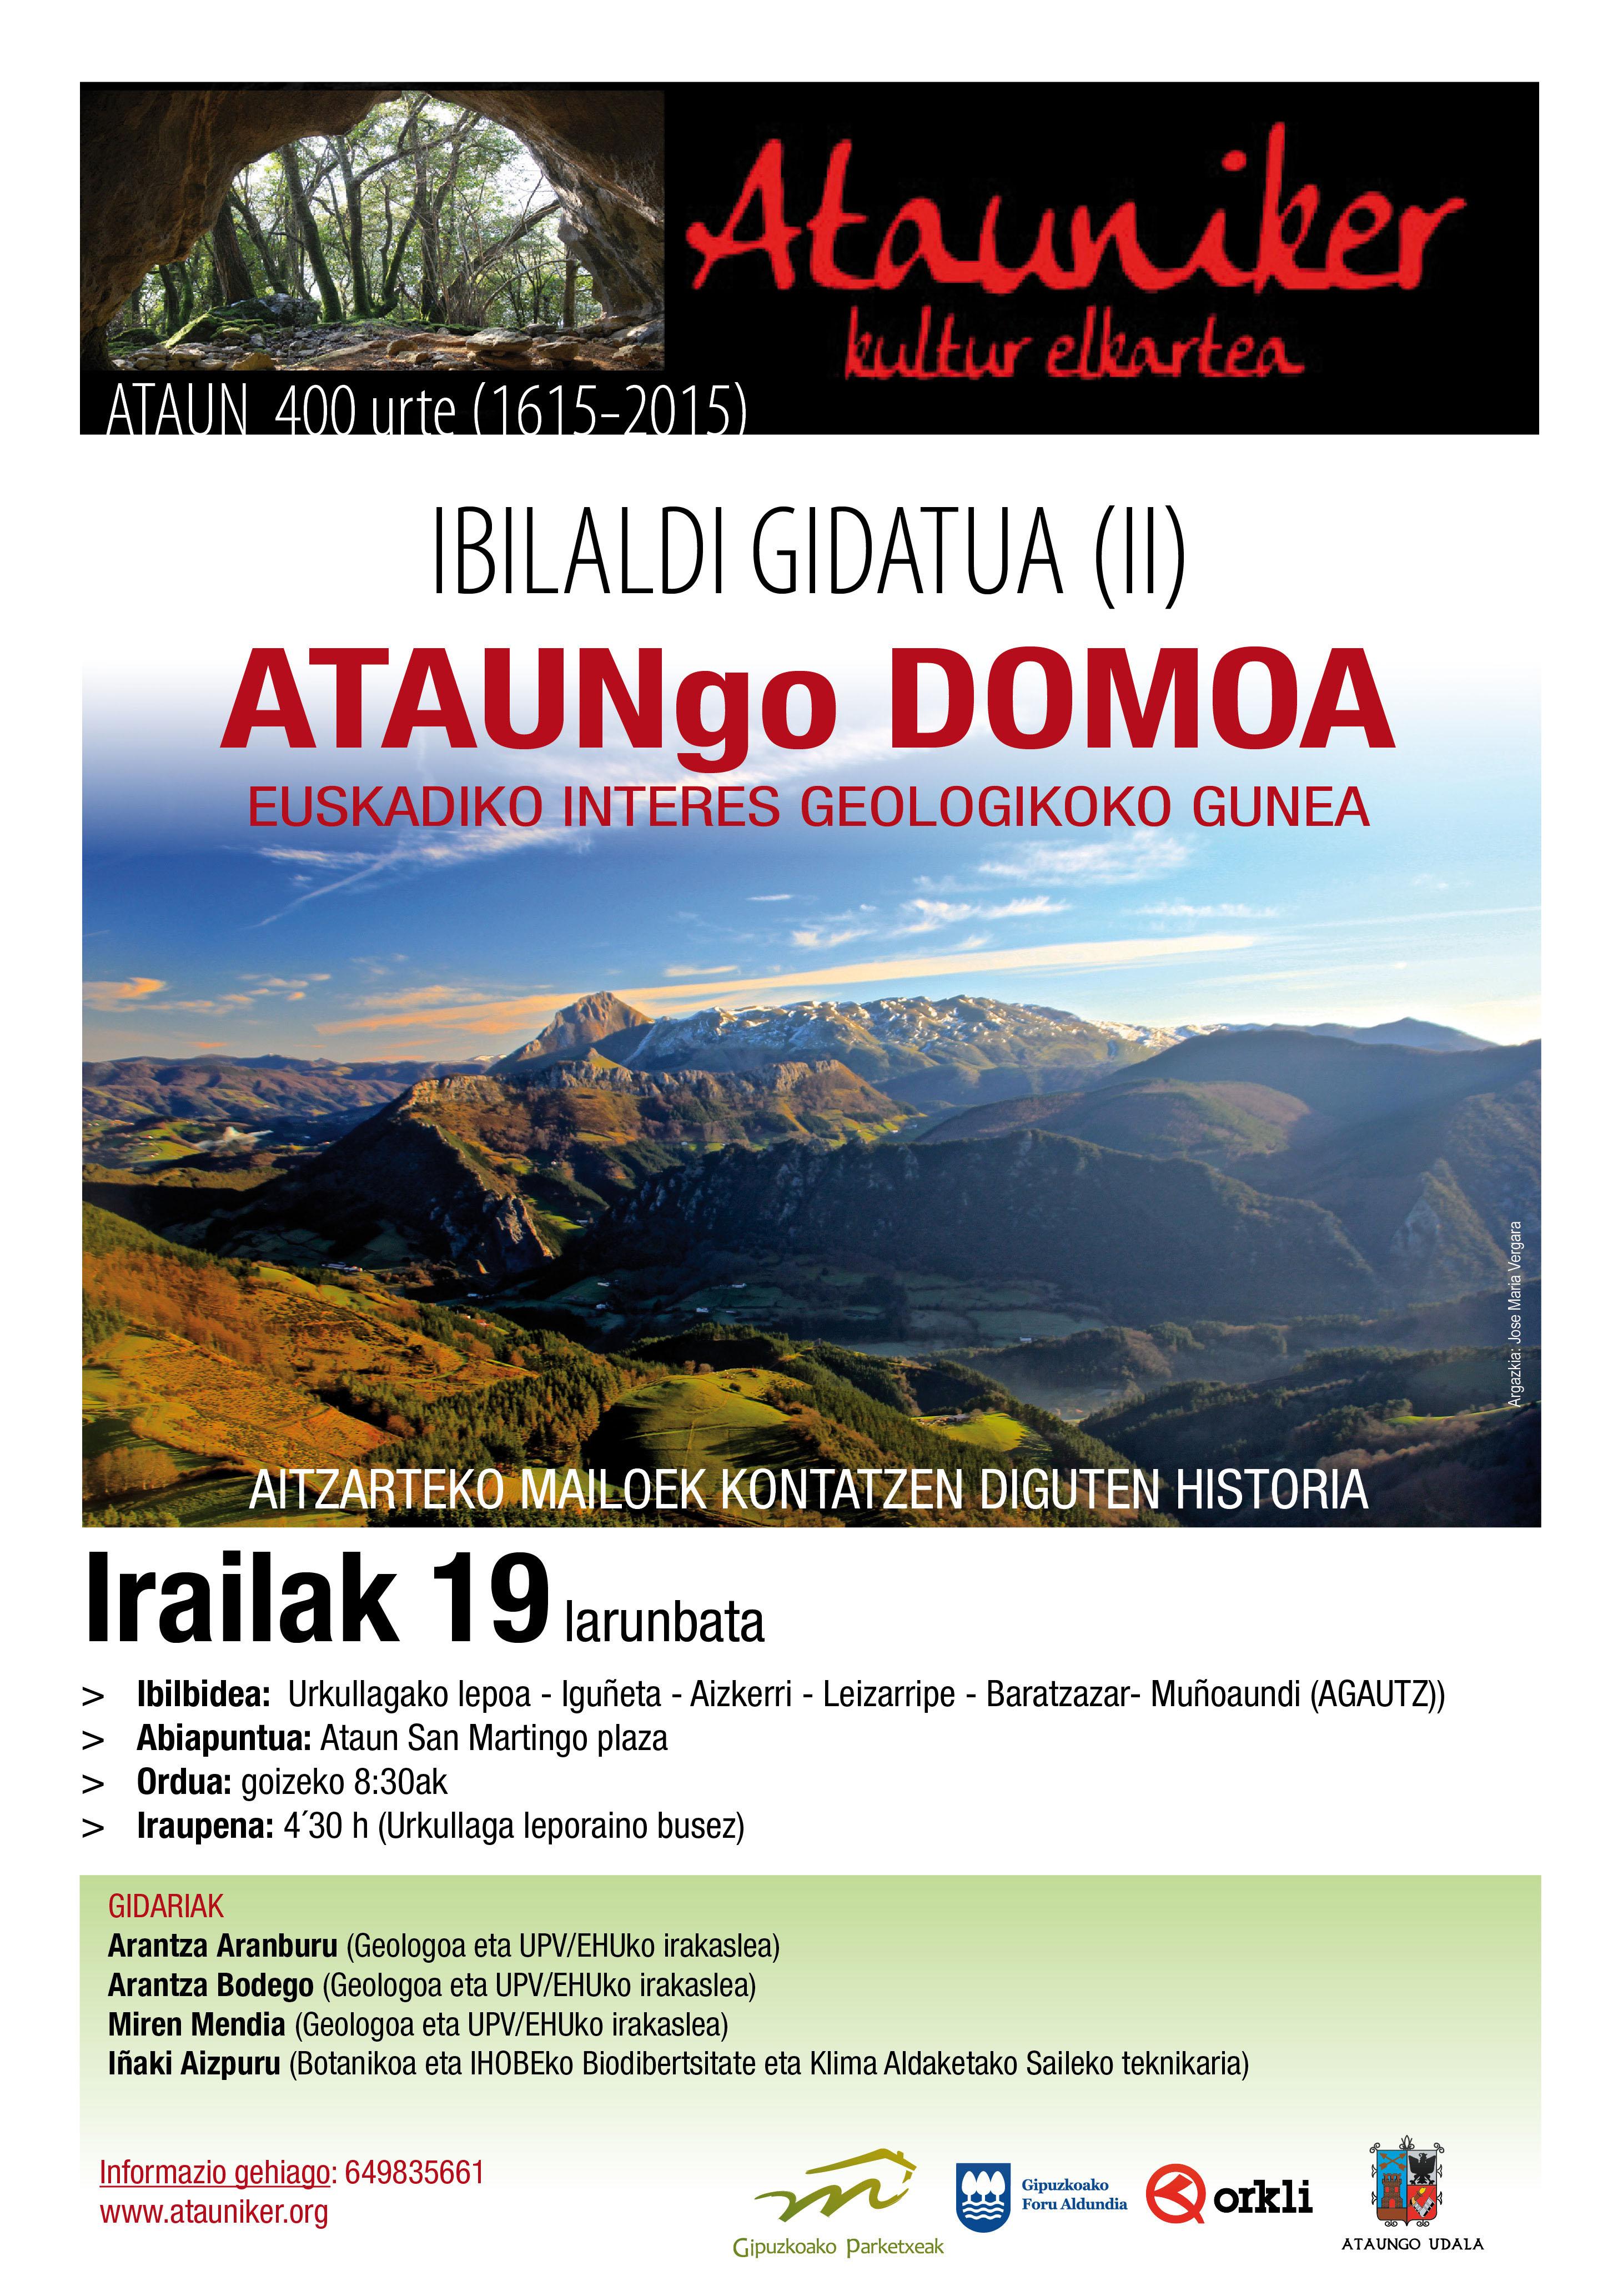 Atauniker DOMOA kartela 2015 BAI